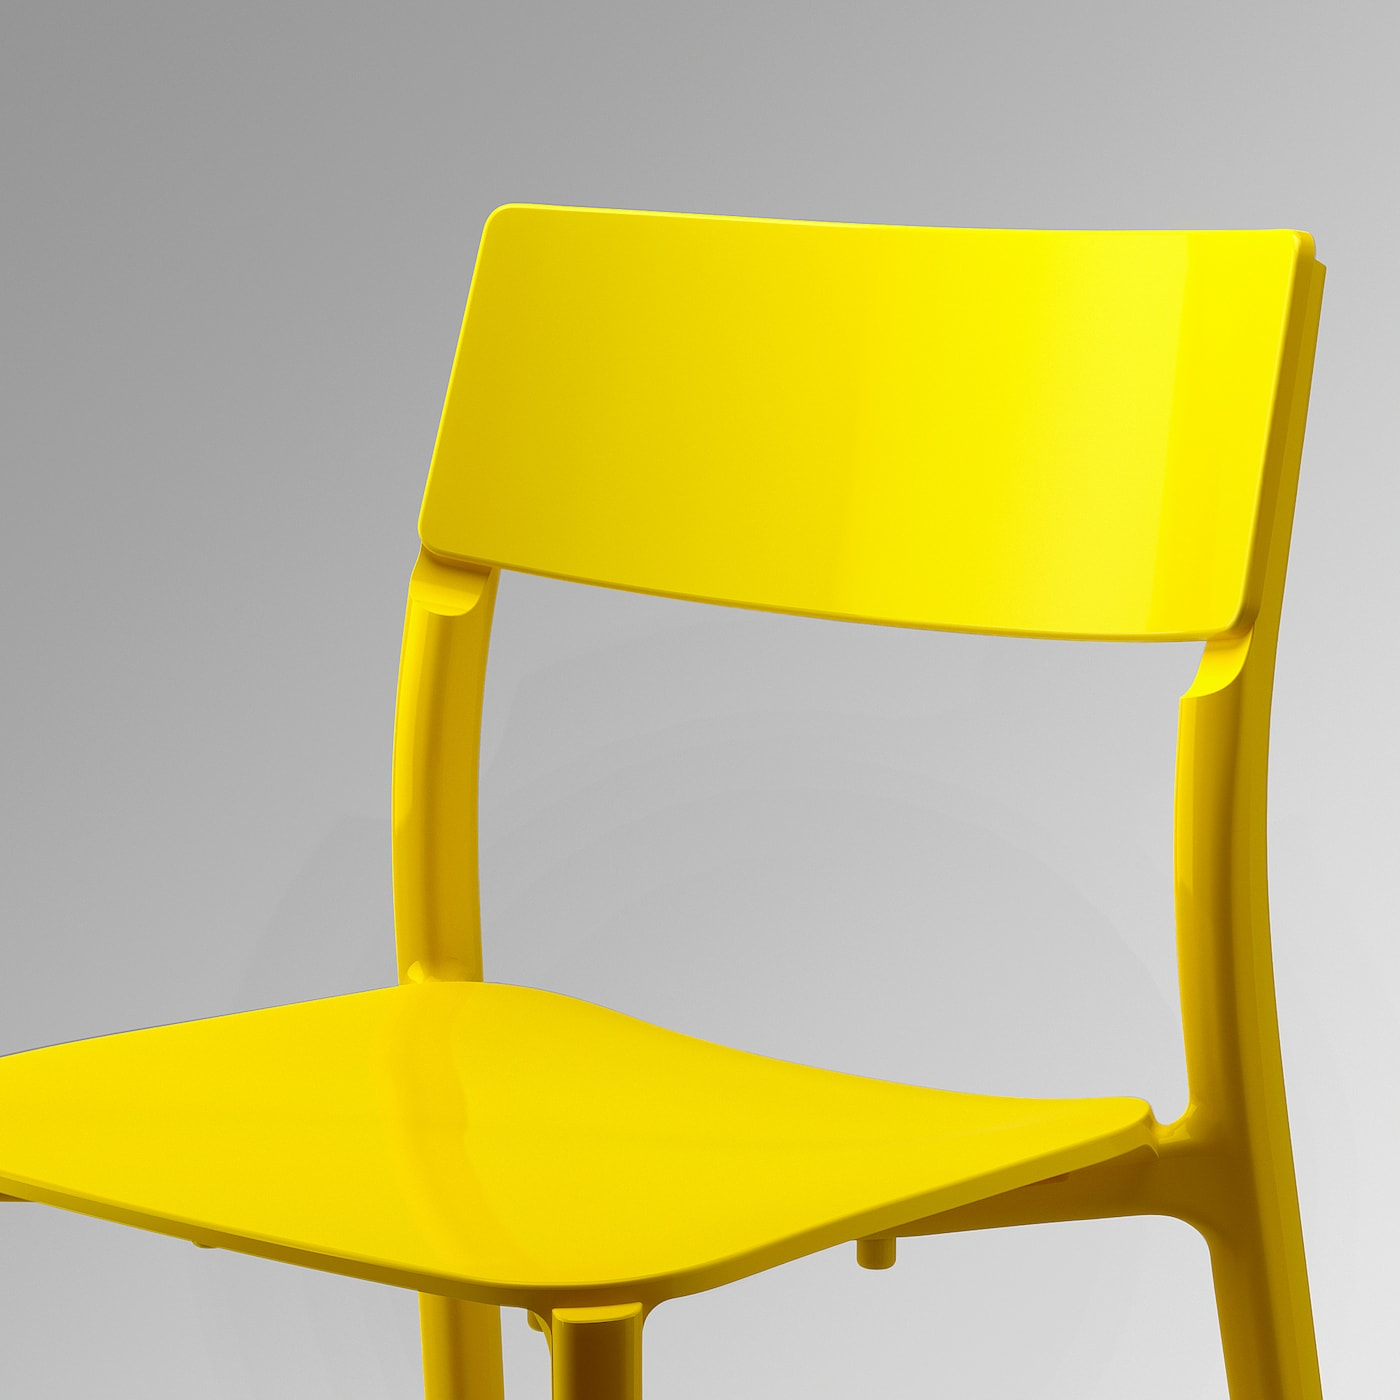 JANINGE Chaise, jaune IKEA